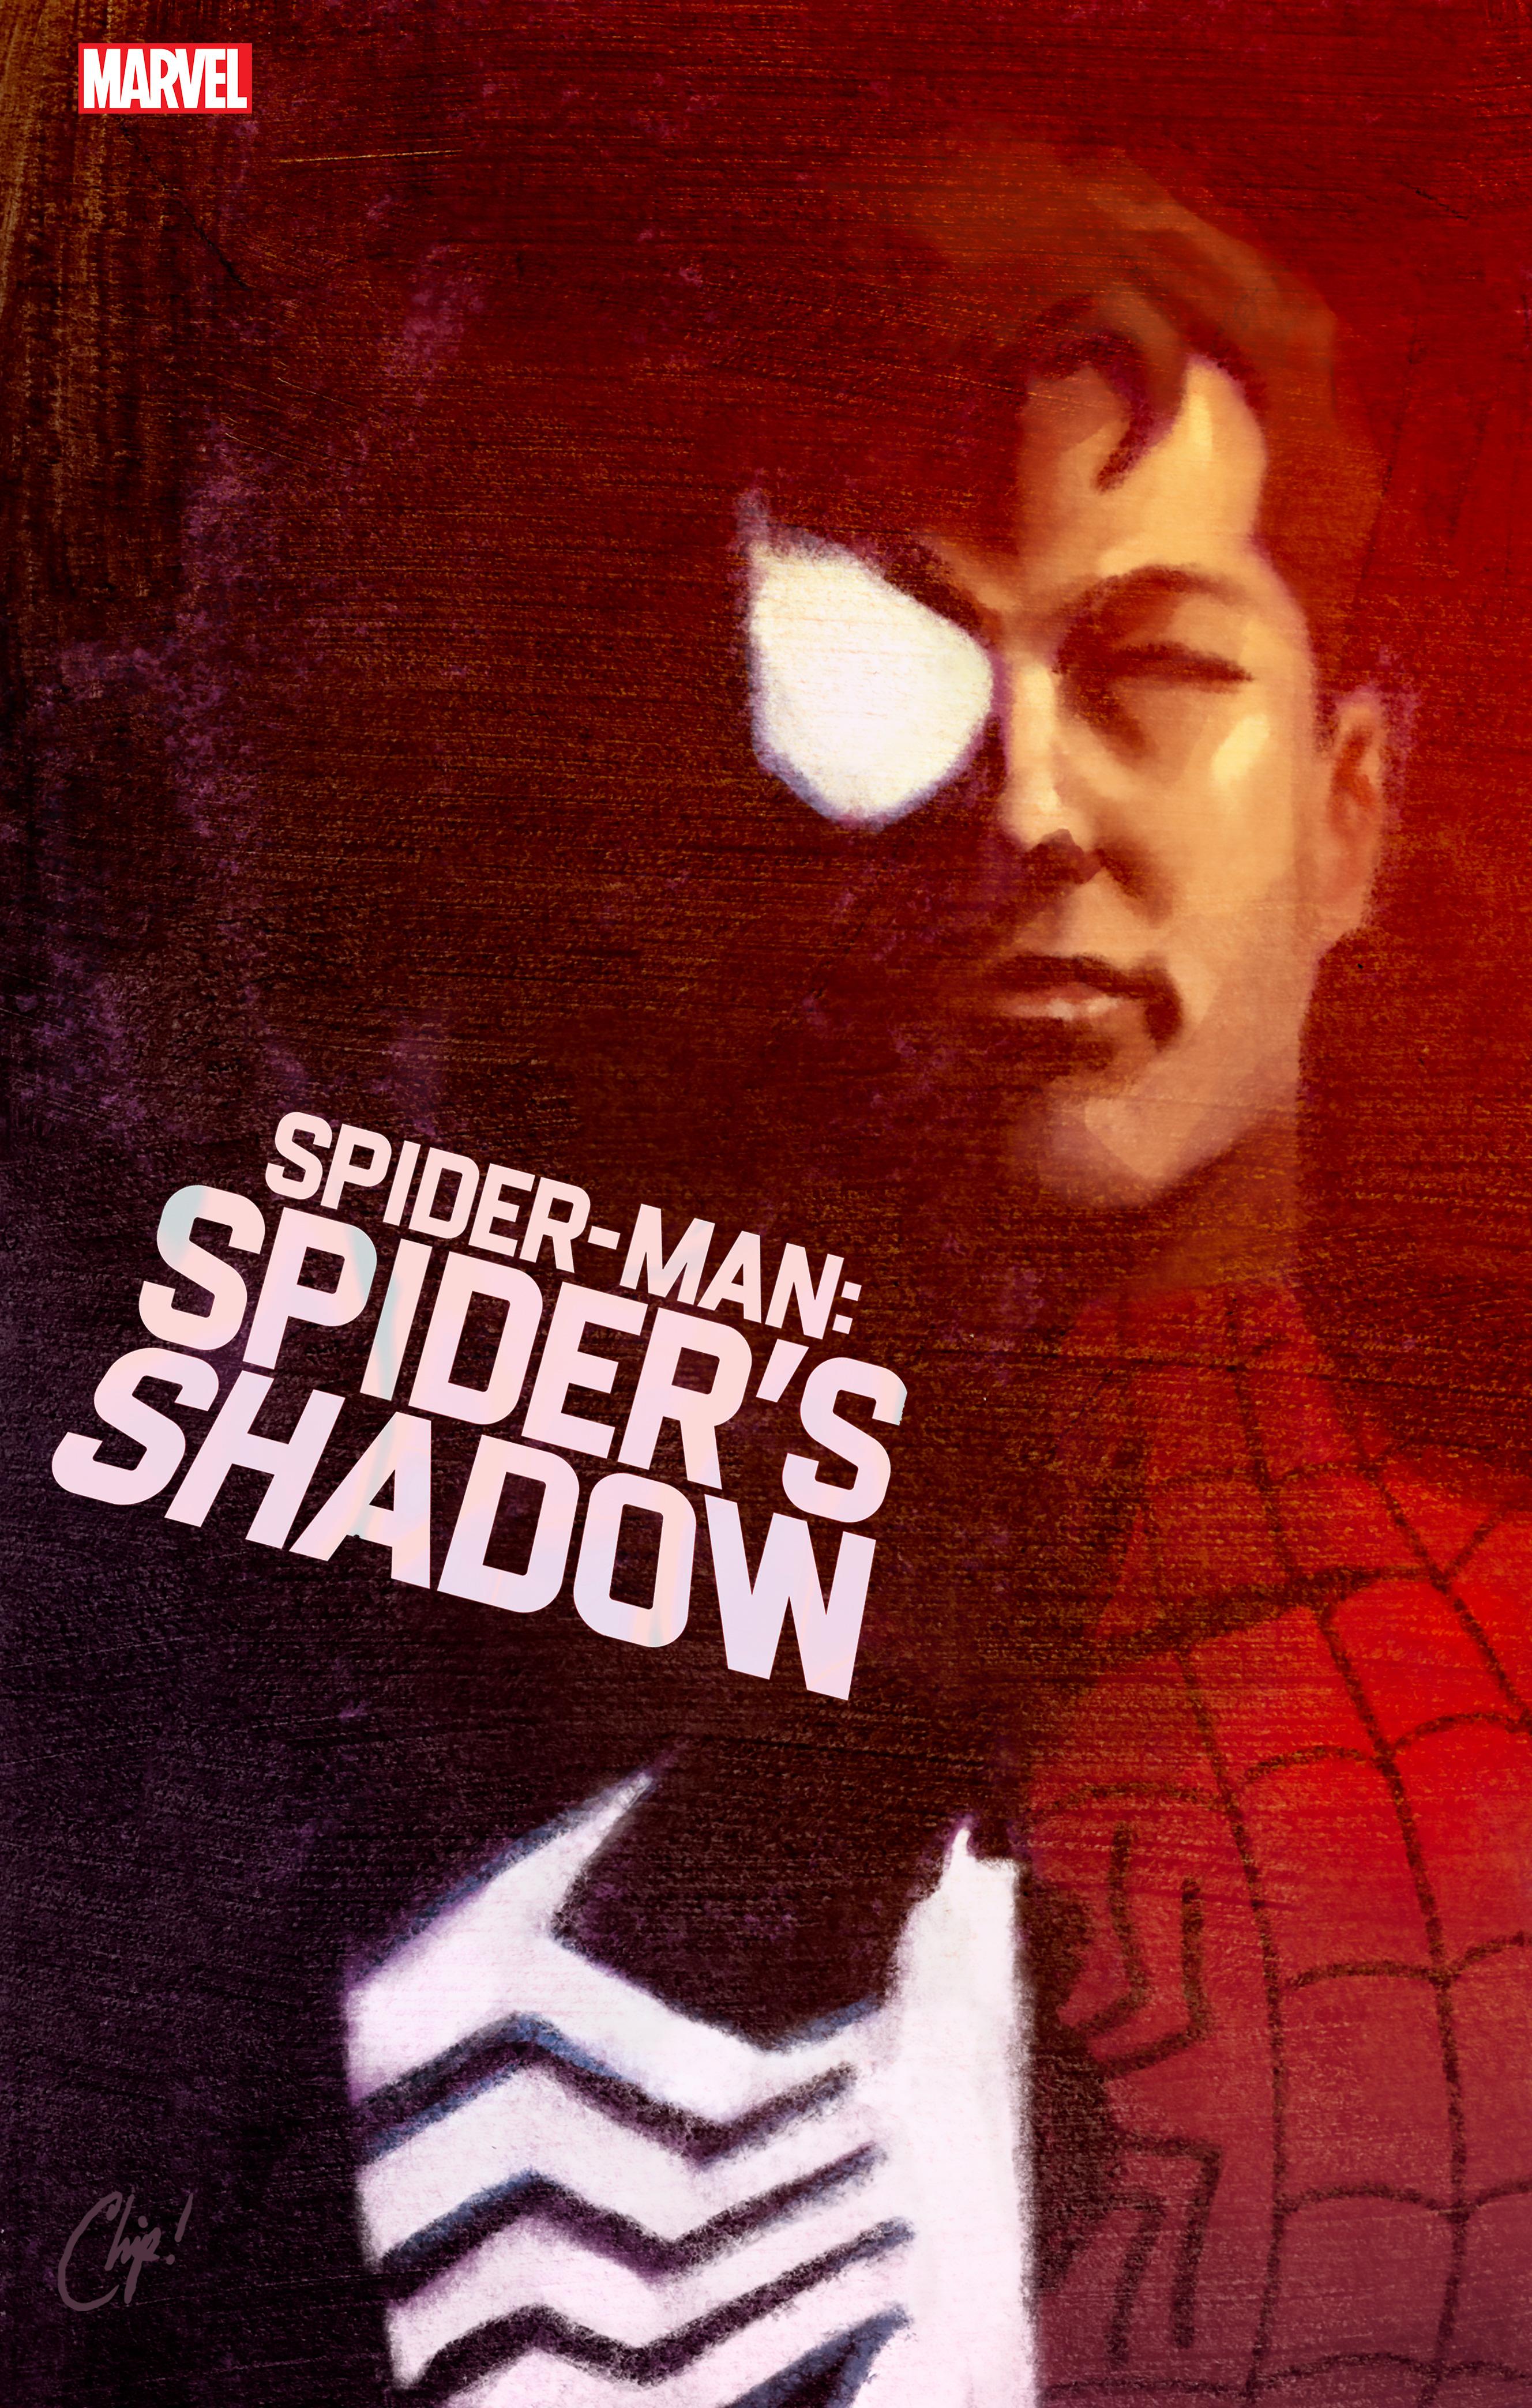 Portada variante de Spider-Man: Spider's Shadow # 1